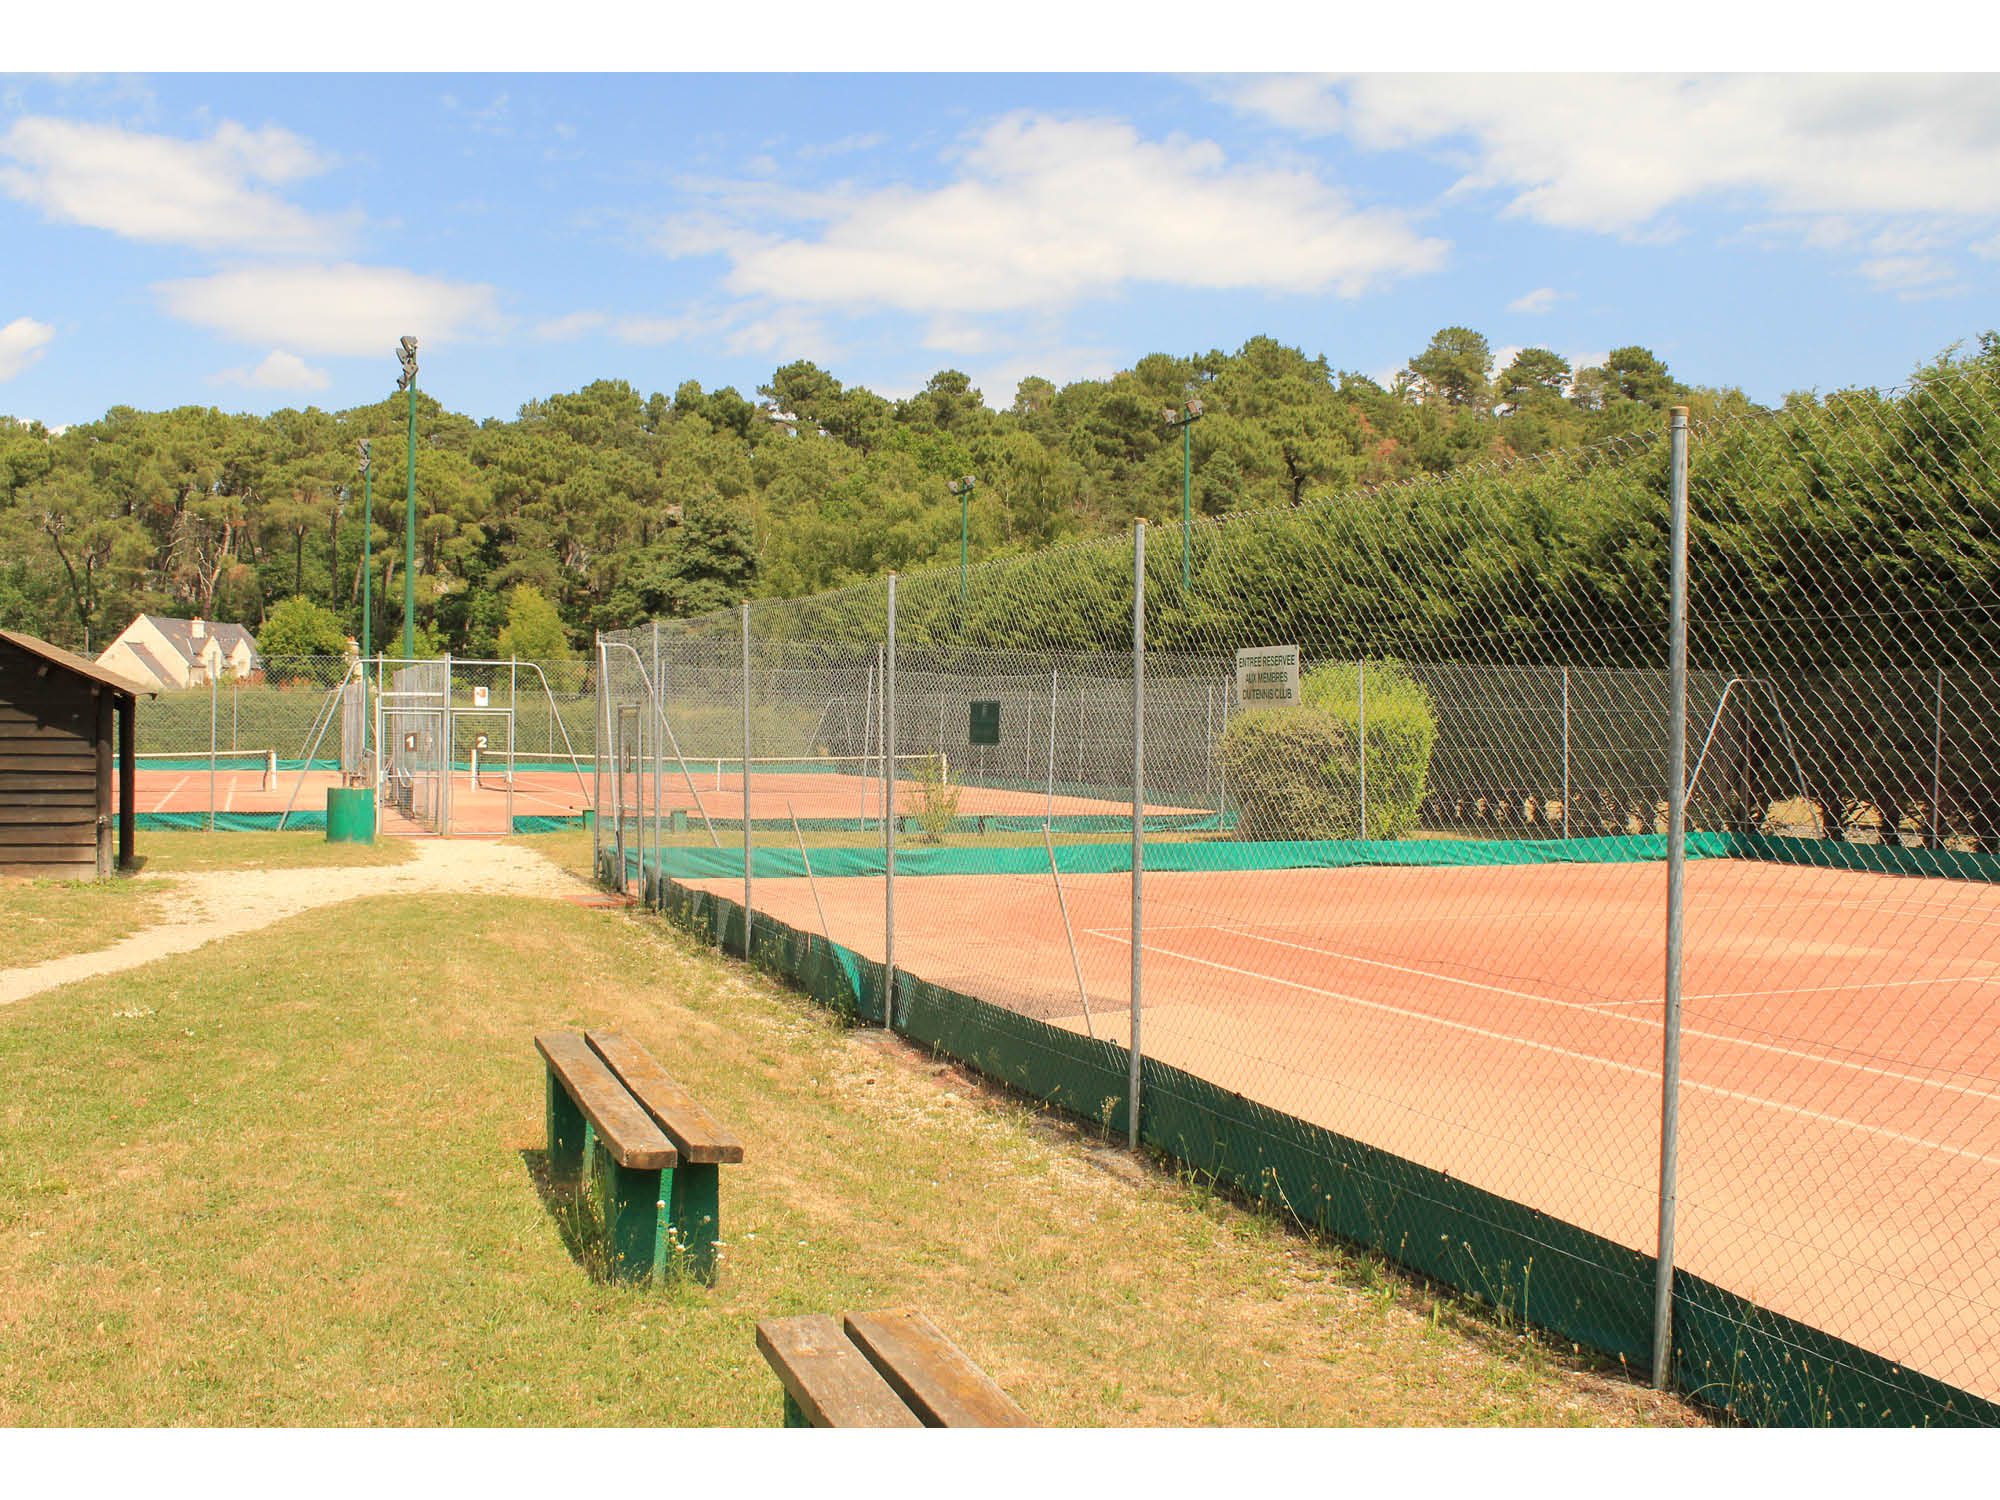 terrains de tennis au Vaudoué